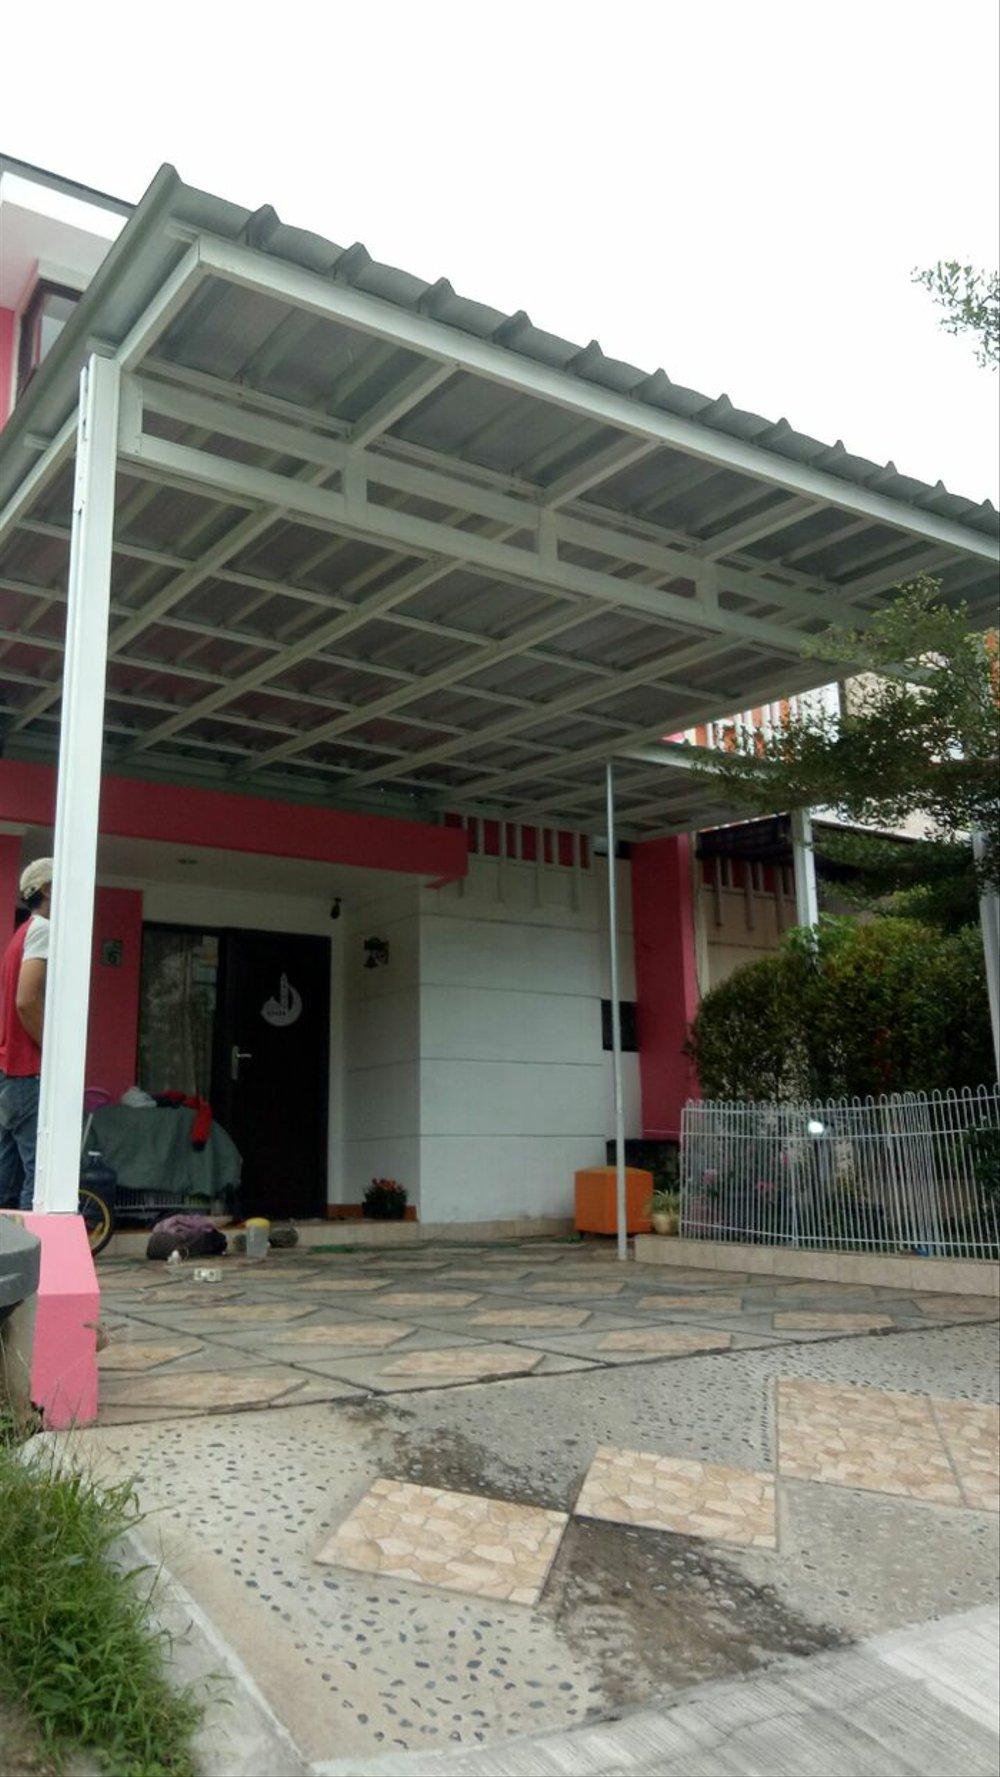 harga kanopi baja ringan atap spandek jual terbaru di lapak home